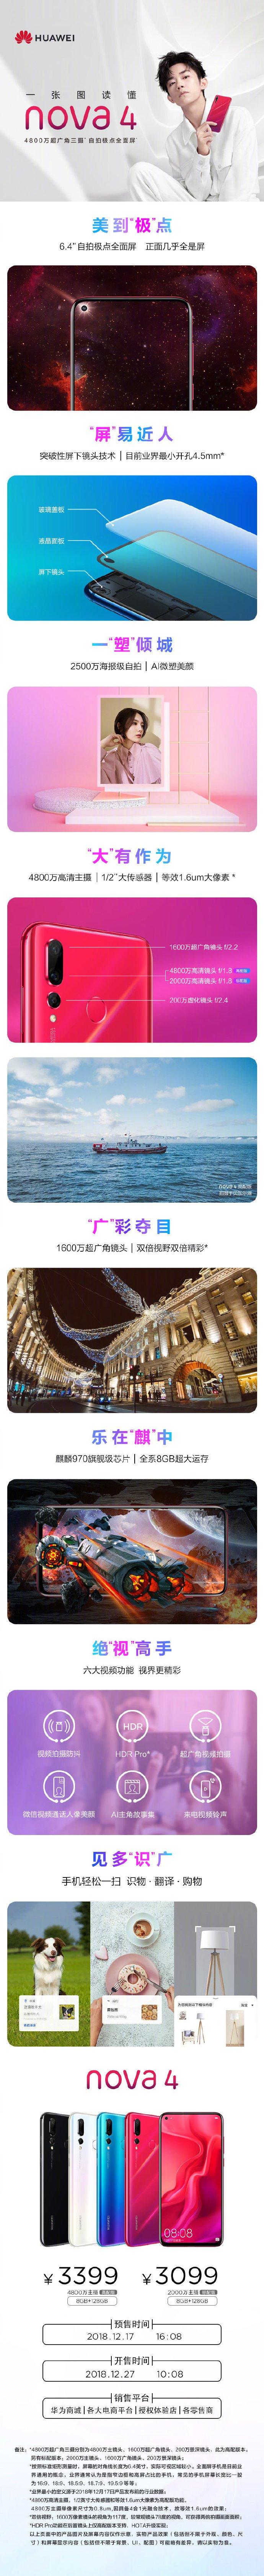 华为nova 4发布:易烊千玺助阵 4800万像素拍照三摄的照片 - 6